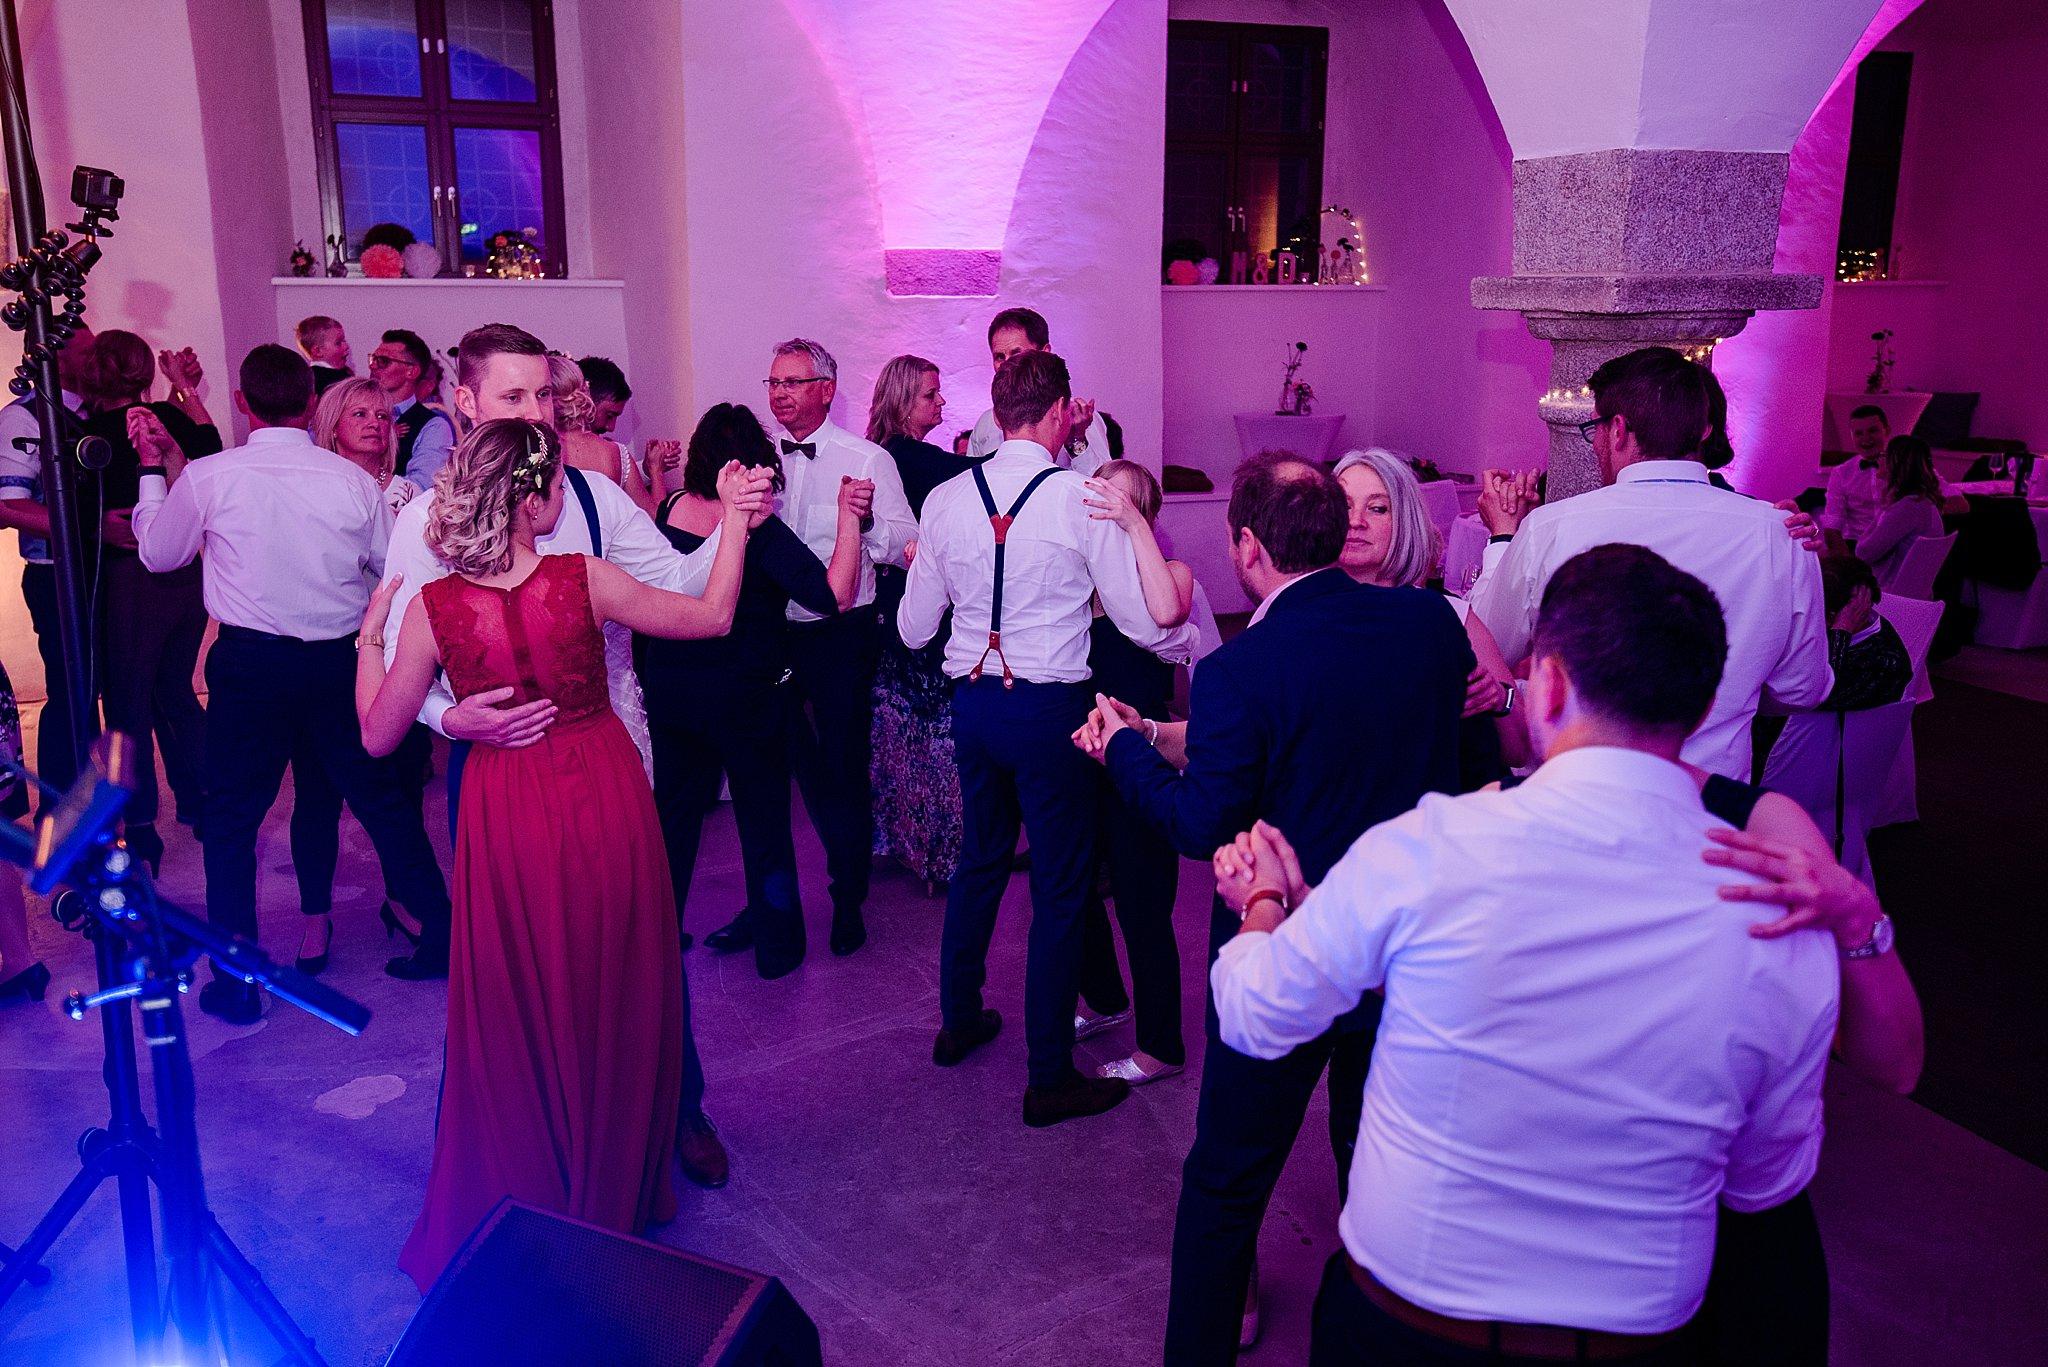 Hochzeit-von-Marina-Dominik-auf-Burg-Wernberg-und-Schloss-Friedrichsburg-00045